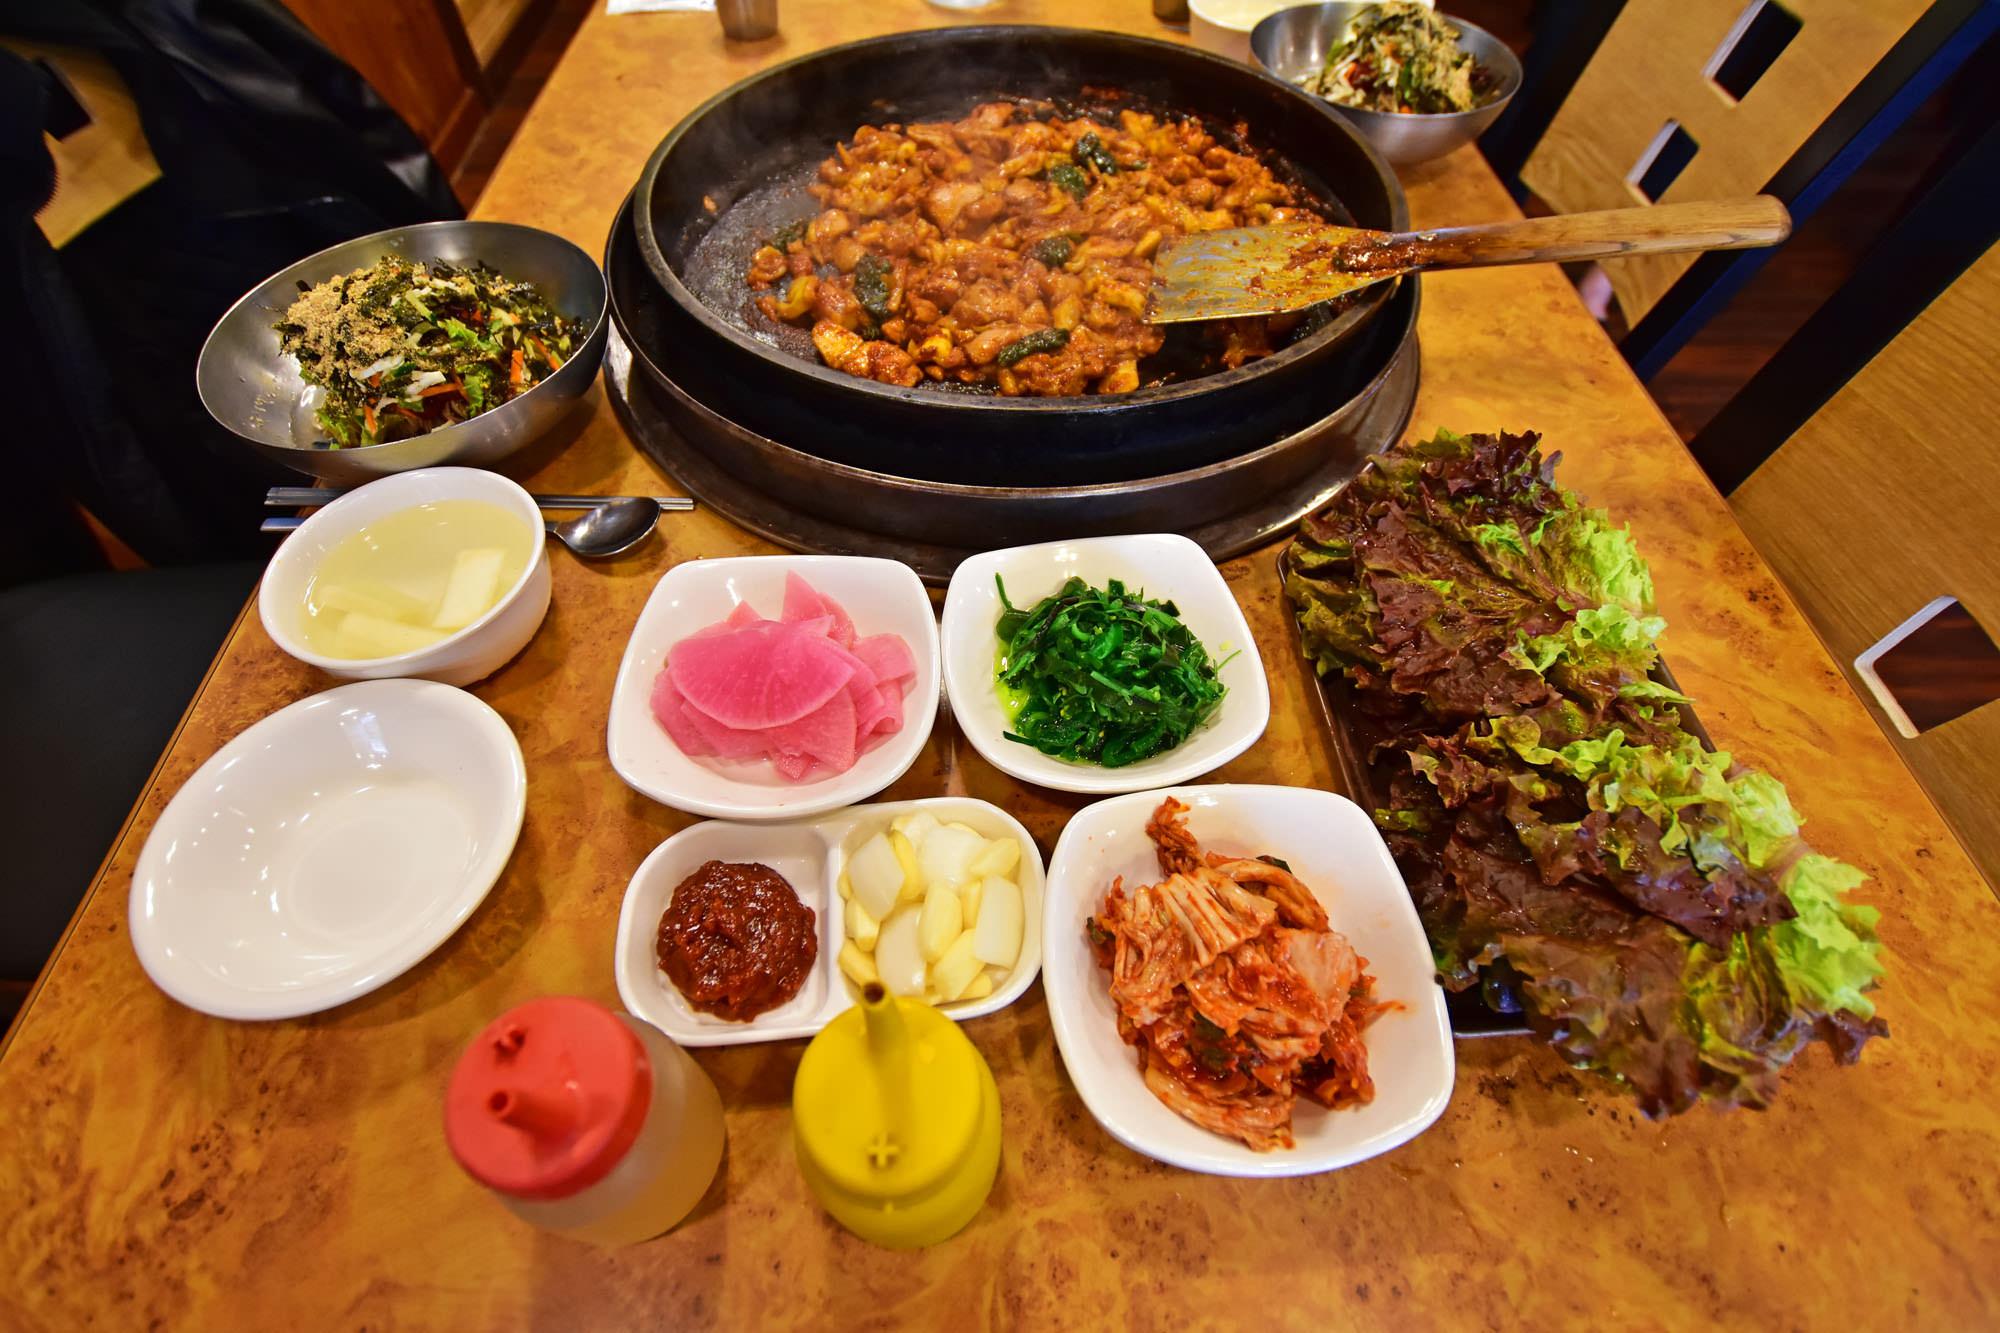 강촌식당 이미지 3